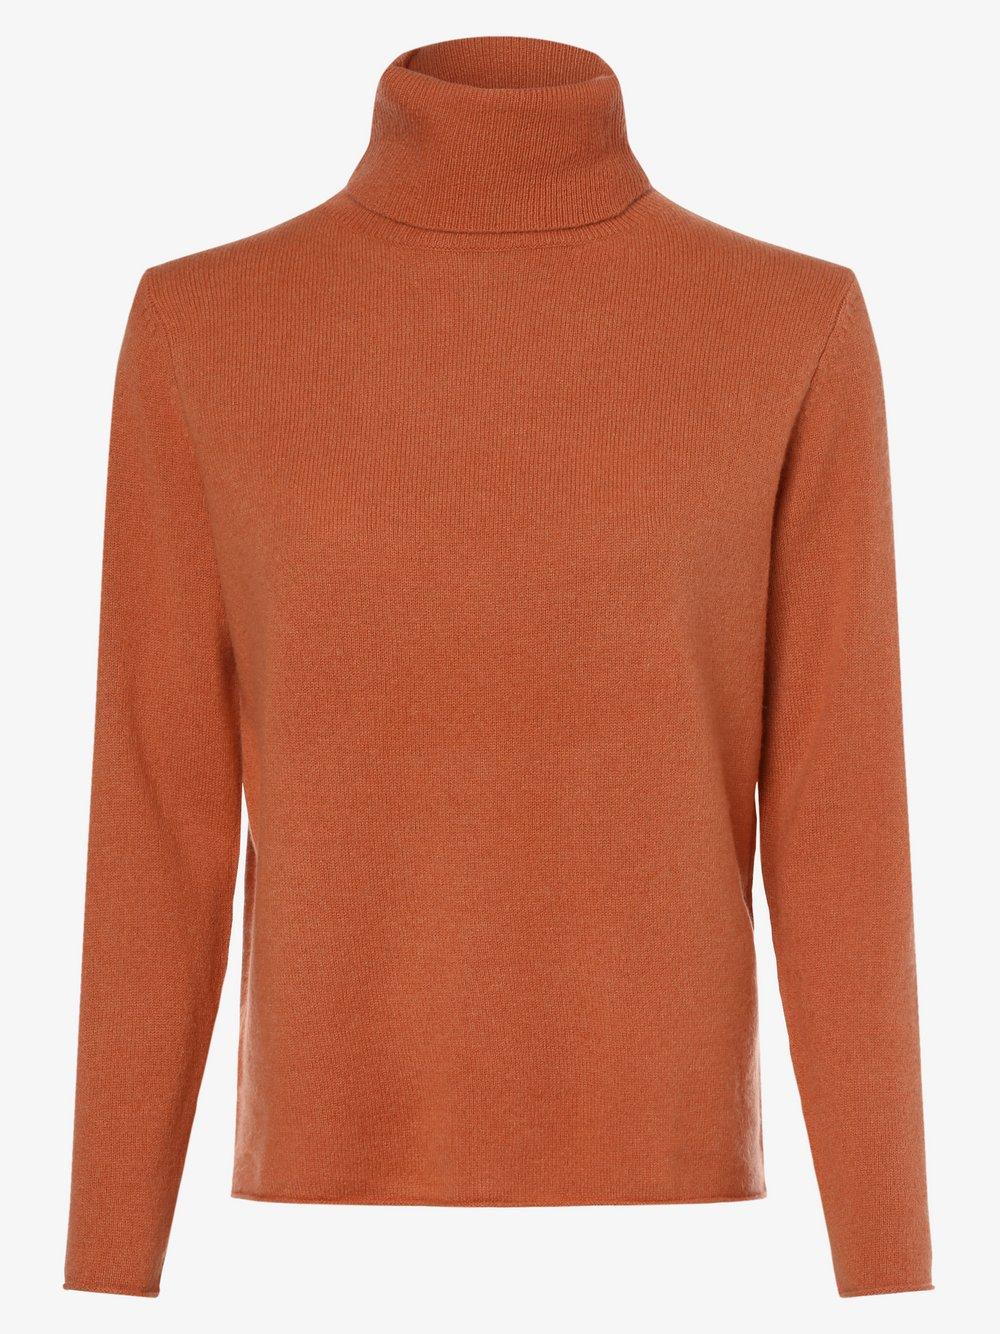 SvB Exquisit – Sweter damski z czystego kaszmiru, pomarańczowy Van Graaf 479054-0003-00380